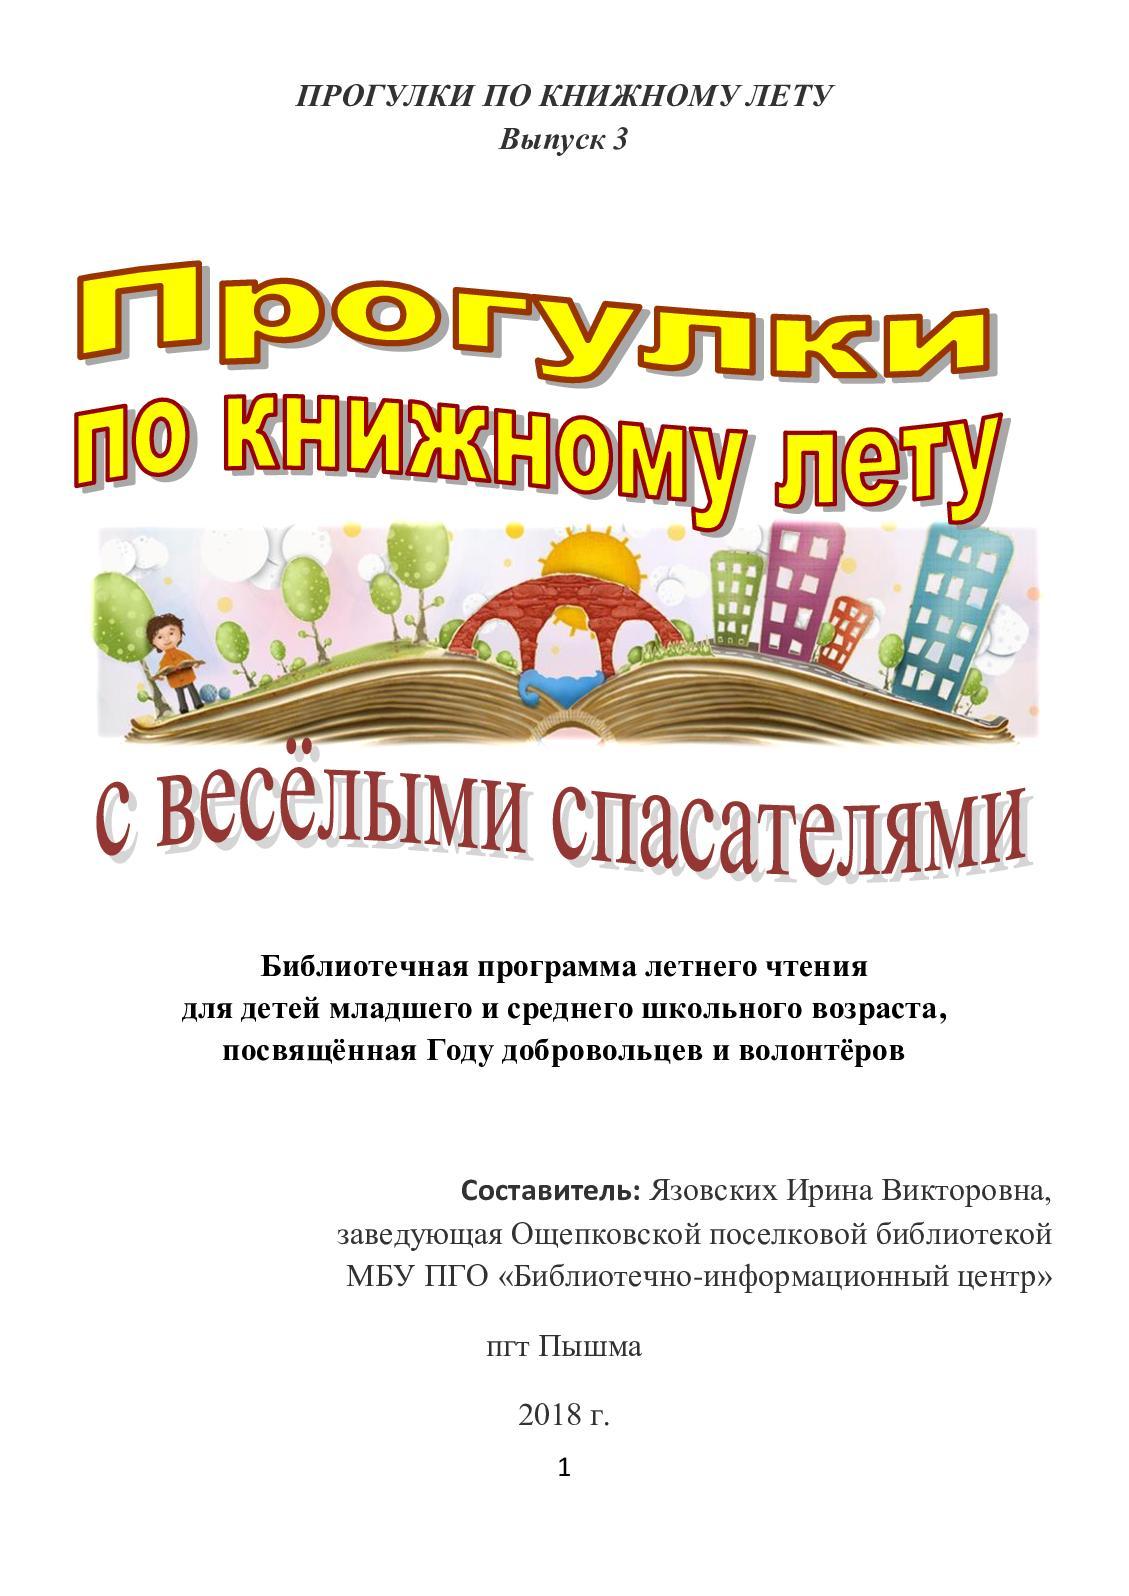 программа летнего чтения 2018